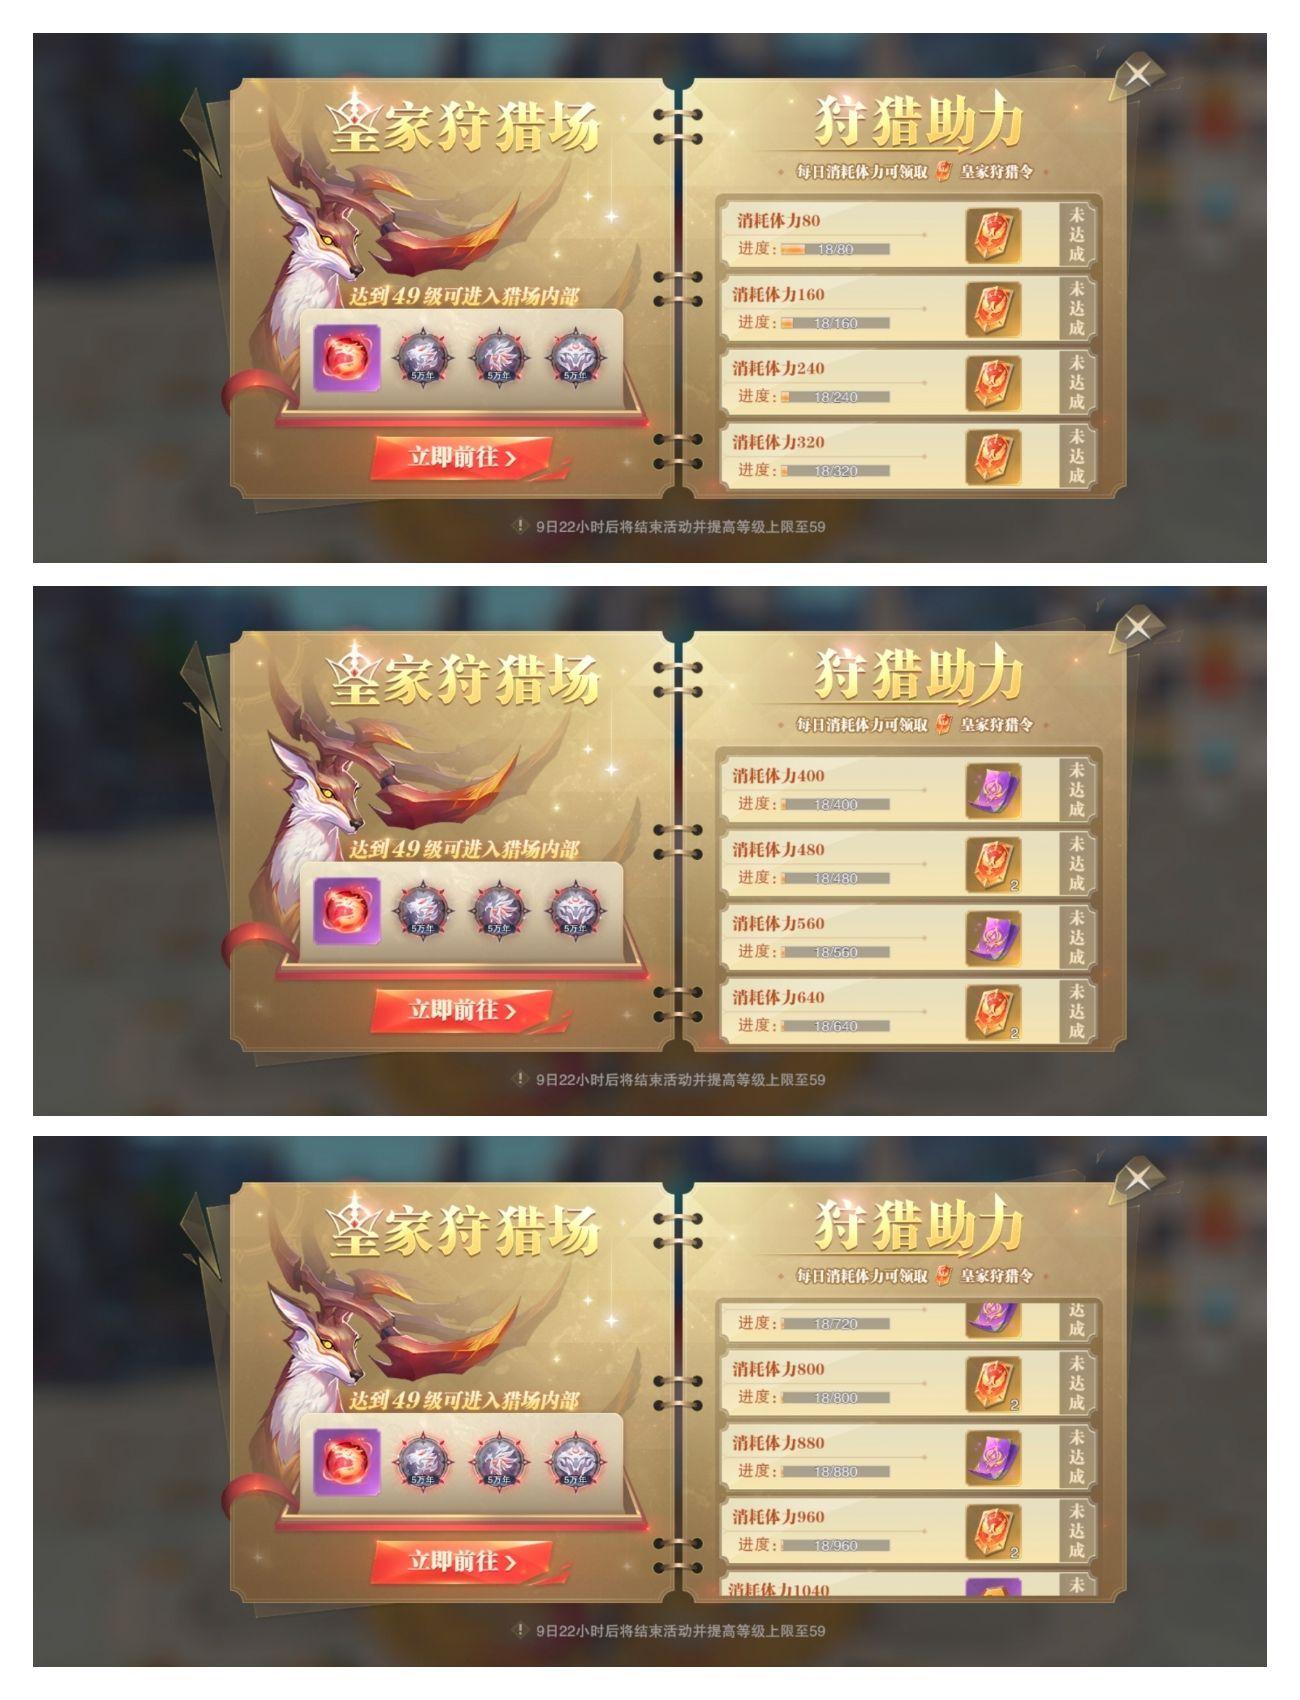 斗罗大陆魂师对决皇家狩猎场攻略:皇家狩猎场阵容搭配推荐[多图]图片3